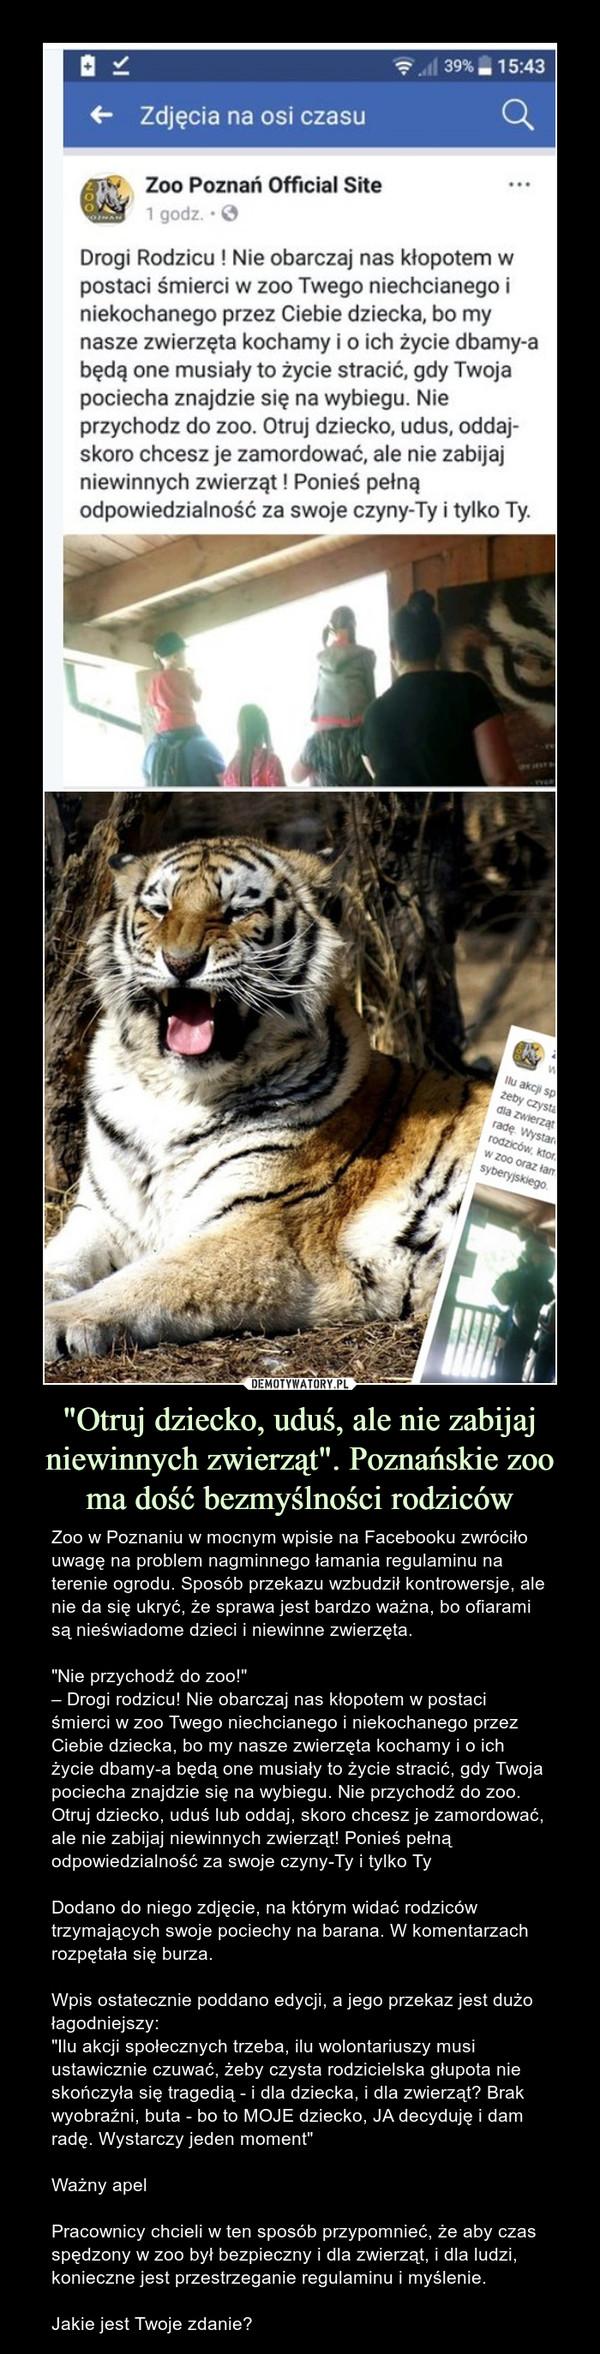 """""""Otruj dziecko, uduś, ale nie zabijaj niewinnych zwierząt"""". Poznańskie zoo ma dość bezmyślności rodziców – Zoo w Poznaniu w mocnym wpisie na Facebooku zwróciło uwagę na problem nagminnego łamania regulaminu na terenie ogrodu. Sposób przekazu wzbudził kontrowersje, ale nie da się ukryć, że sprawa jest bardzo ważna, bo ofiarami są nieświadome dzieci i niewinne zwierzęta.""""Nie przychodź do zoo!""""– Drogi rodzicu! Nie obarczaj nas kłopotem w postaci śmierci w zoo Twego niechcianego i niekochanego przez Ciebie dziecka, bo my nasze zwierzęta kochamy i o ich życie dbamy-a będą one musiały to życie stracić, gdy Twoja pociecha znajdzie się na wybiegu. Nie przychodź do zoo. Otruj dziecko, uduś lub oddaj, skoro chcesz je zamordować, ale nie zabijaj niewinnych zwierząt! Ponieś pełną odpowiedzialność za swoje czyny-Ty i tylko TyDodano do niego zdjęcie, na którym widać rodziców trzymających swoje pociechy na barana. W komentarzach rozpętała się burza.Wpis ostatecznie poddano edycji, a jego przekaz jest dużo łagodniejszy:""""Ilu akcji społecznych trzeba, ilu wolontariuszy musi ustawicznie czuwać, żeby czysta rodzicielska głupota nie skończyła się tragedią - i dla dziecka, i dla zwierząt? Brak wyobraźni, buta - bo to MOJE dziecko, JA decyduję i dam radę. Wystarczy jeden moment""""Ważny apelPracownicy chcieli w ten sposób przypomnieć, że aby czas spędzony w zoo był bezpieczny i dla zwierząt, i dla ludzi, konieczne jest przestrzeganie regulaminu i myślenie.Jakie jest Twoje zdanie?"""